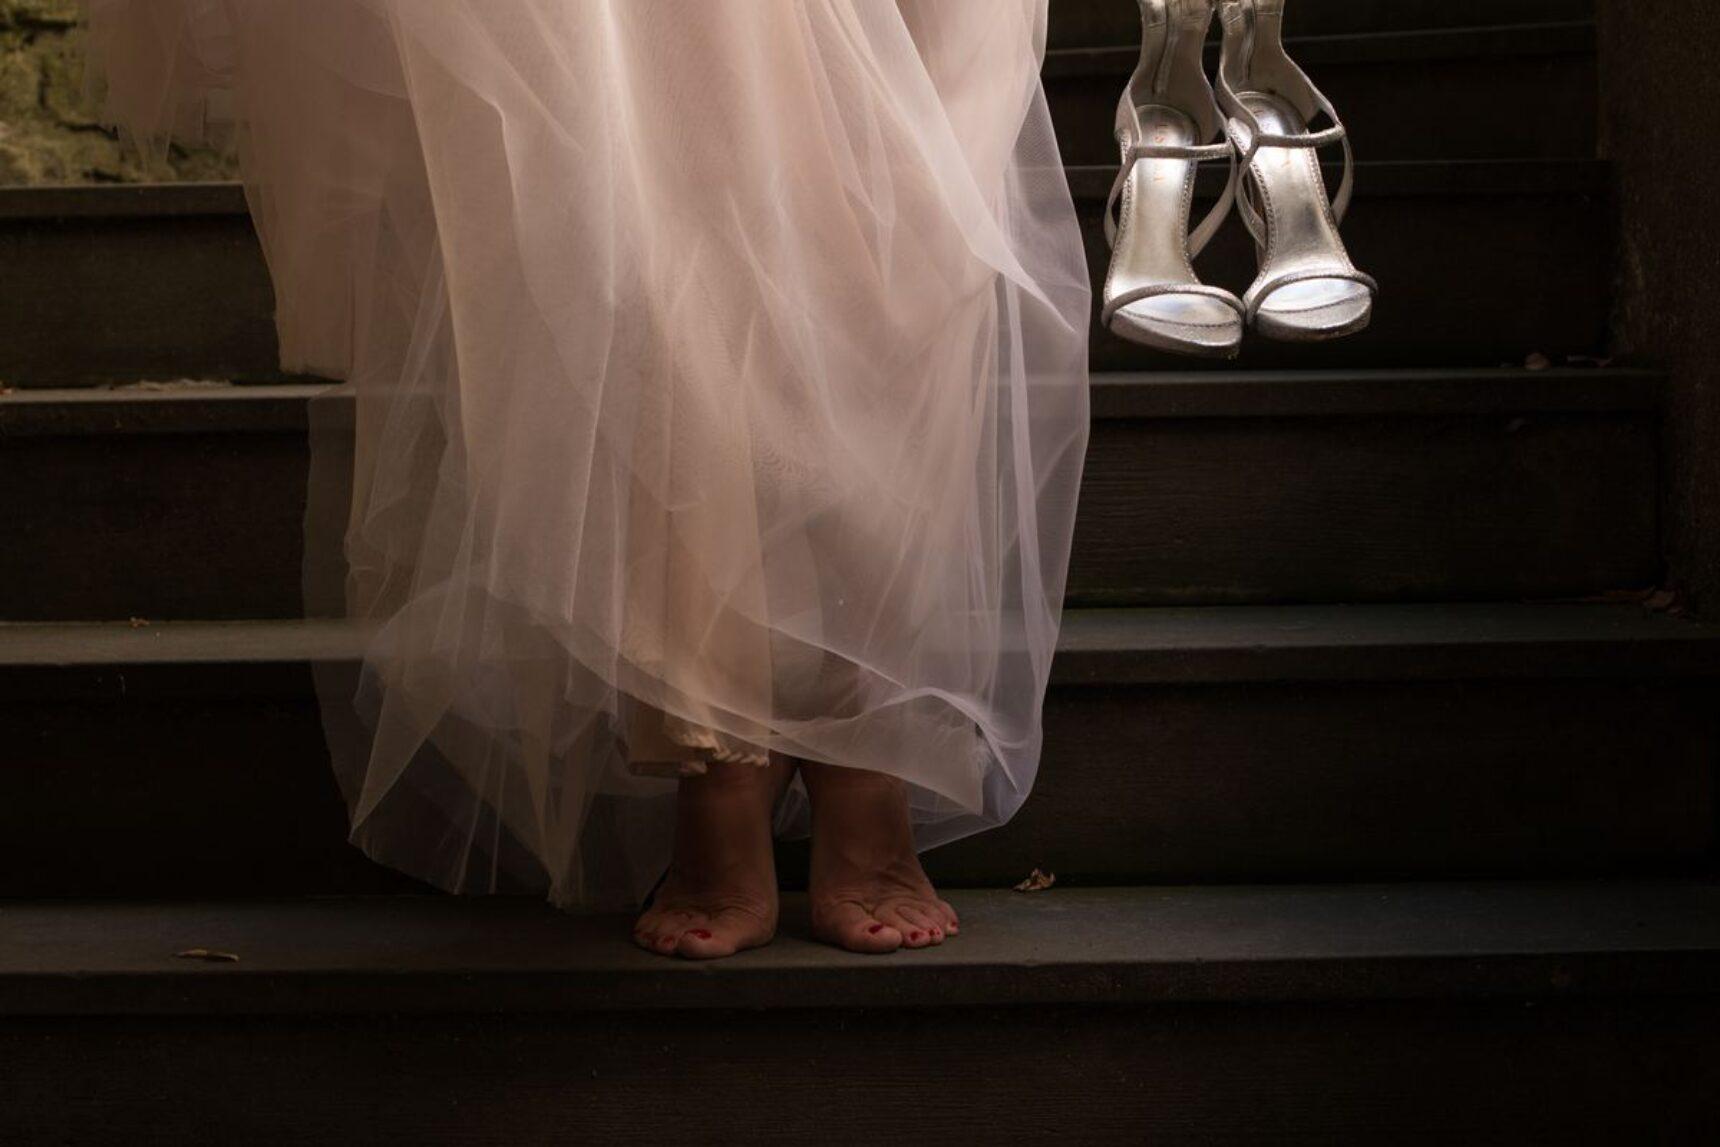 Buty ślubne piękne i wygodne – czy to możliwe znaleźć swój ideał?